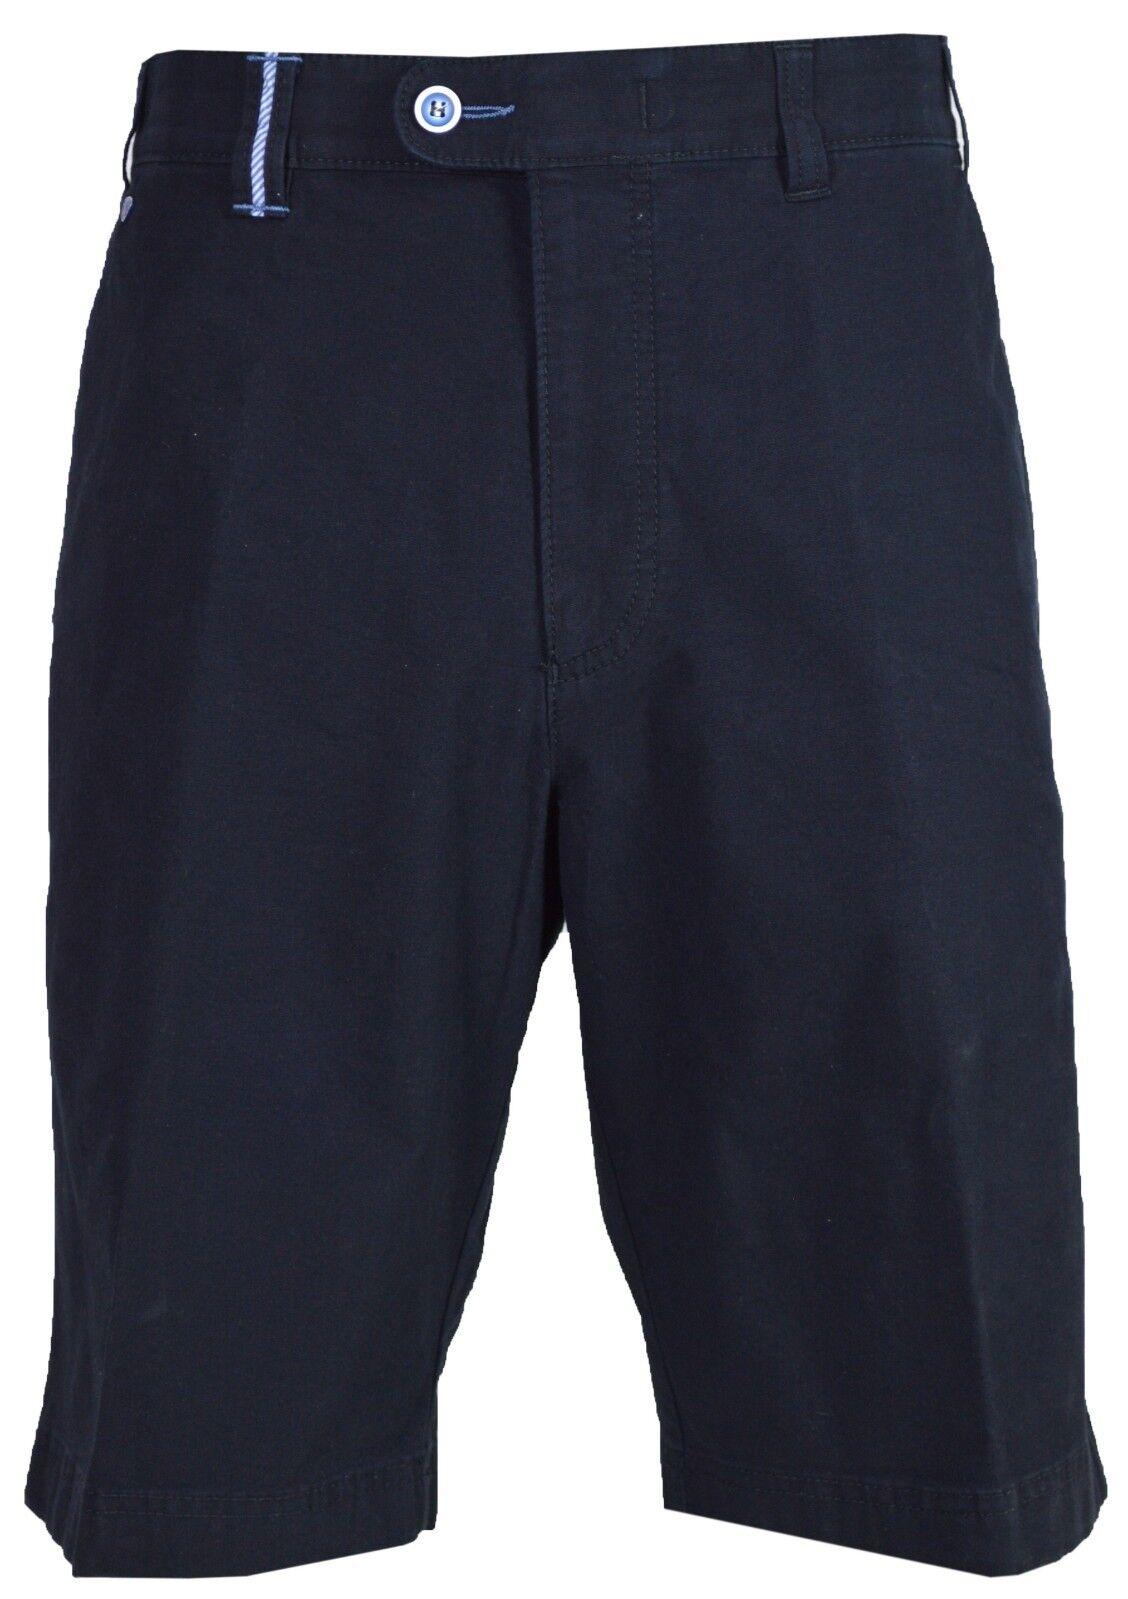 be0baeb8a1 Bruhl Men`s Shorts 181710 Matt - nbwdtm25028-Shorts